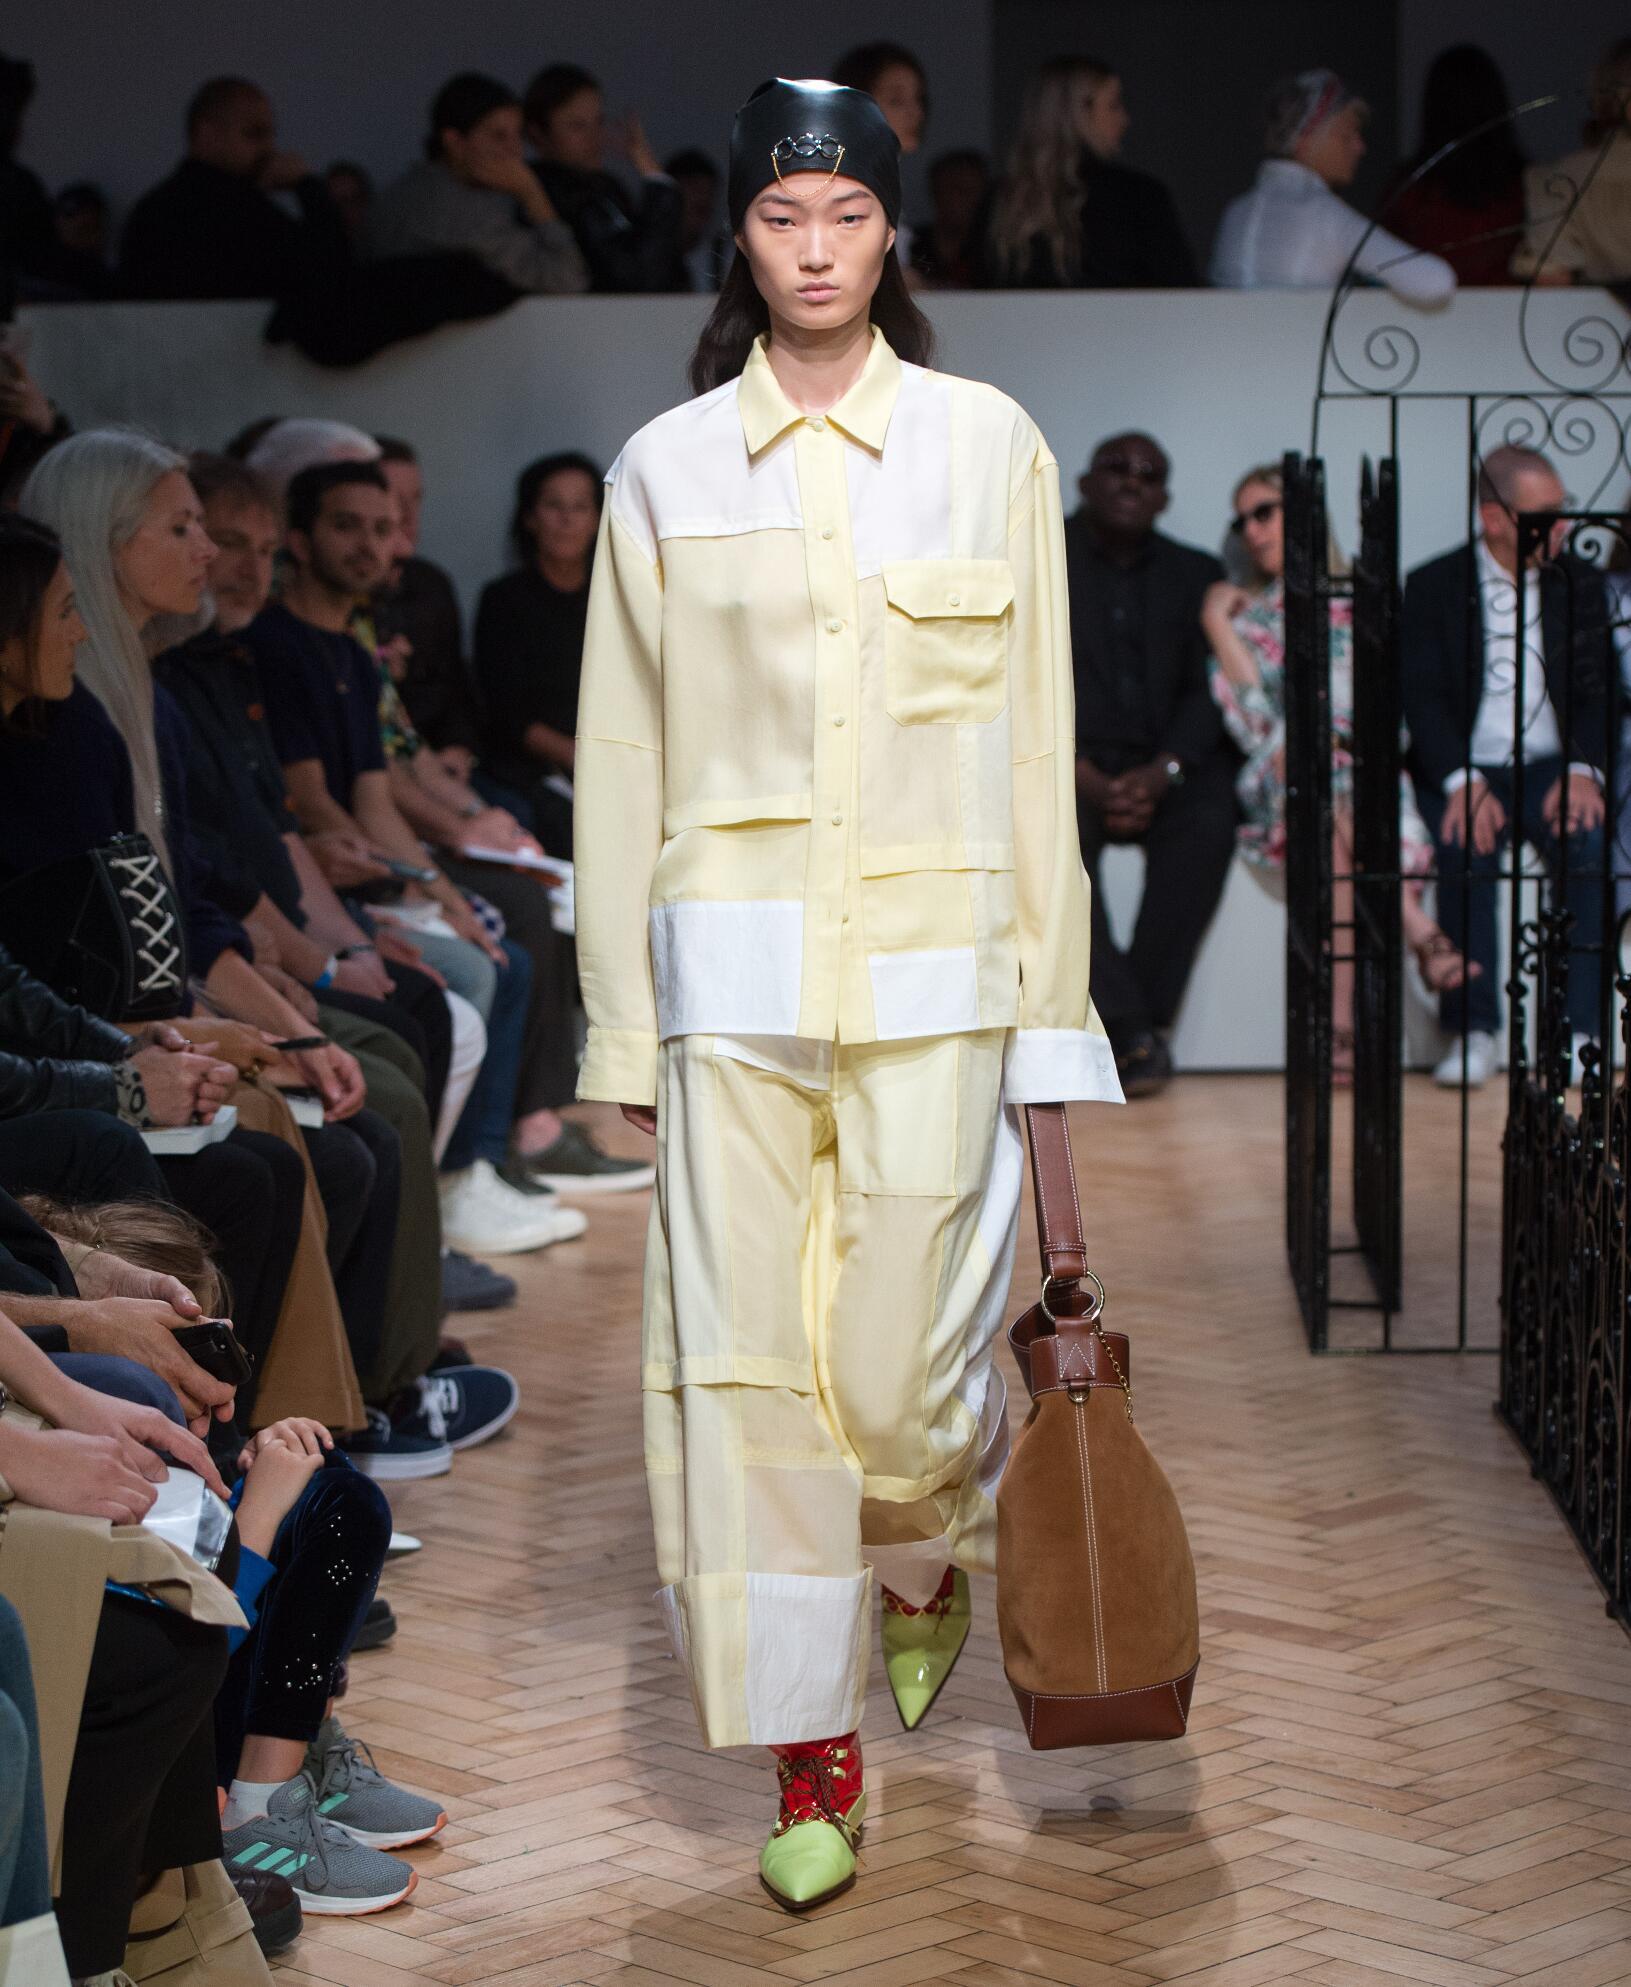 Fashion 2019 Catwalk J.W. Anderson